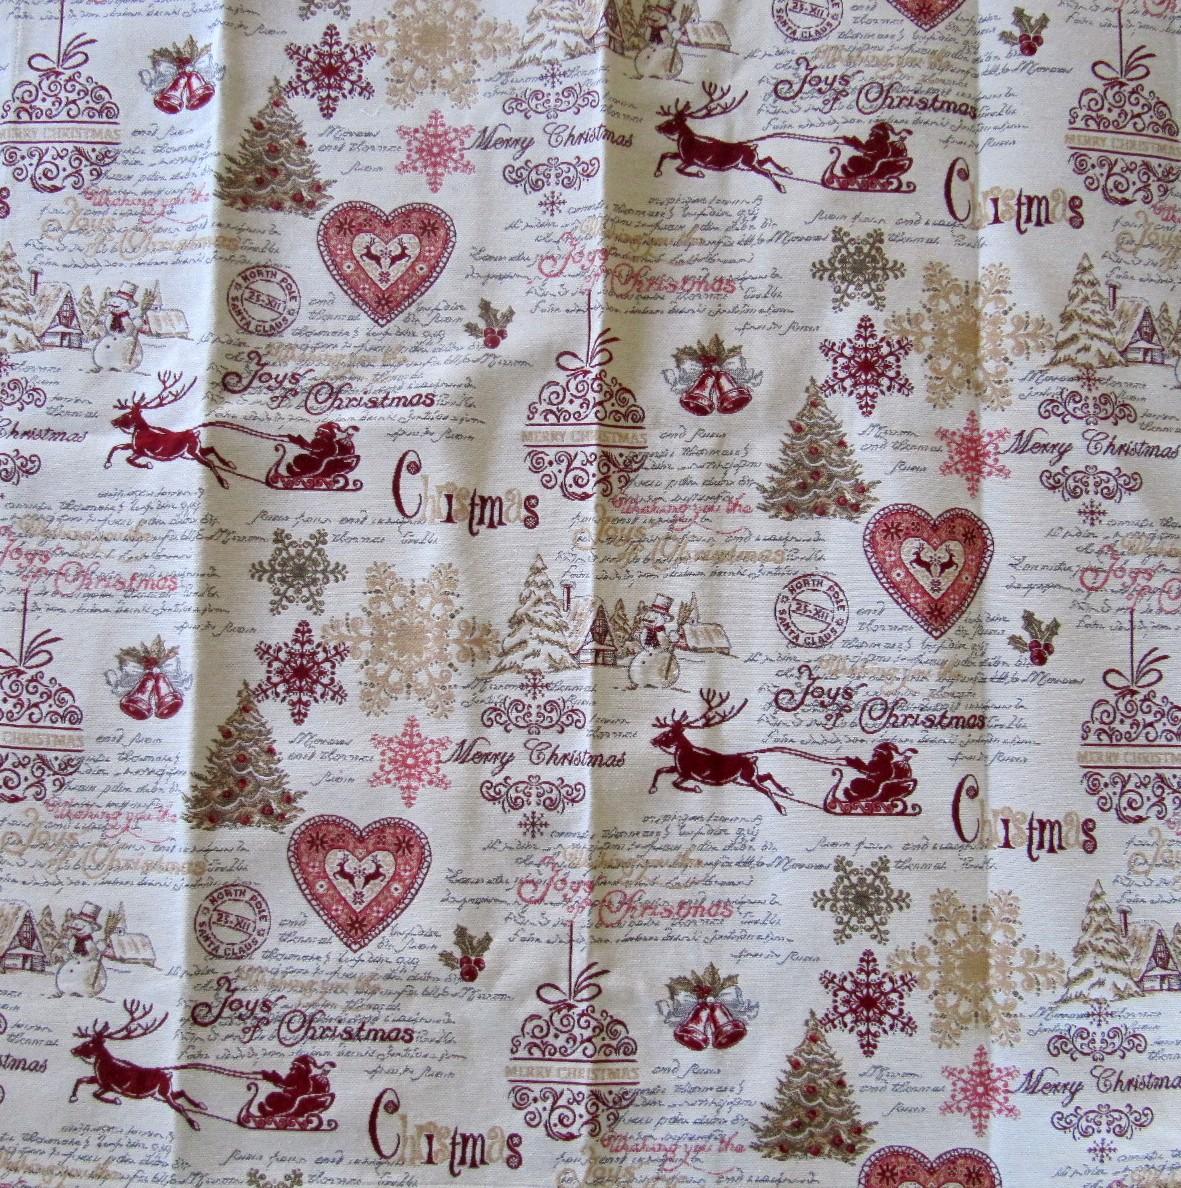 tischdecke weihnachten natur rot weihnachtspoesie 85x85. Black Bedroom Furniture Sets. Home Design Ideas